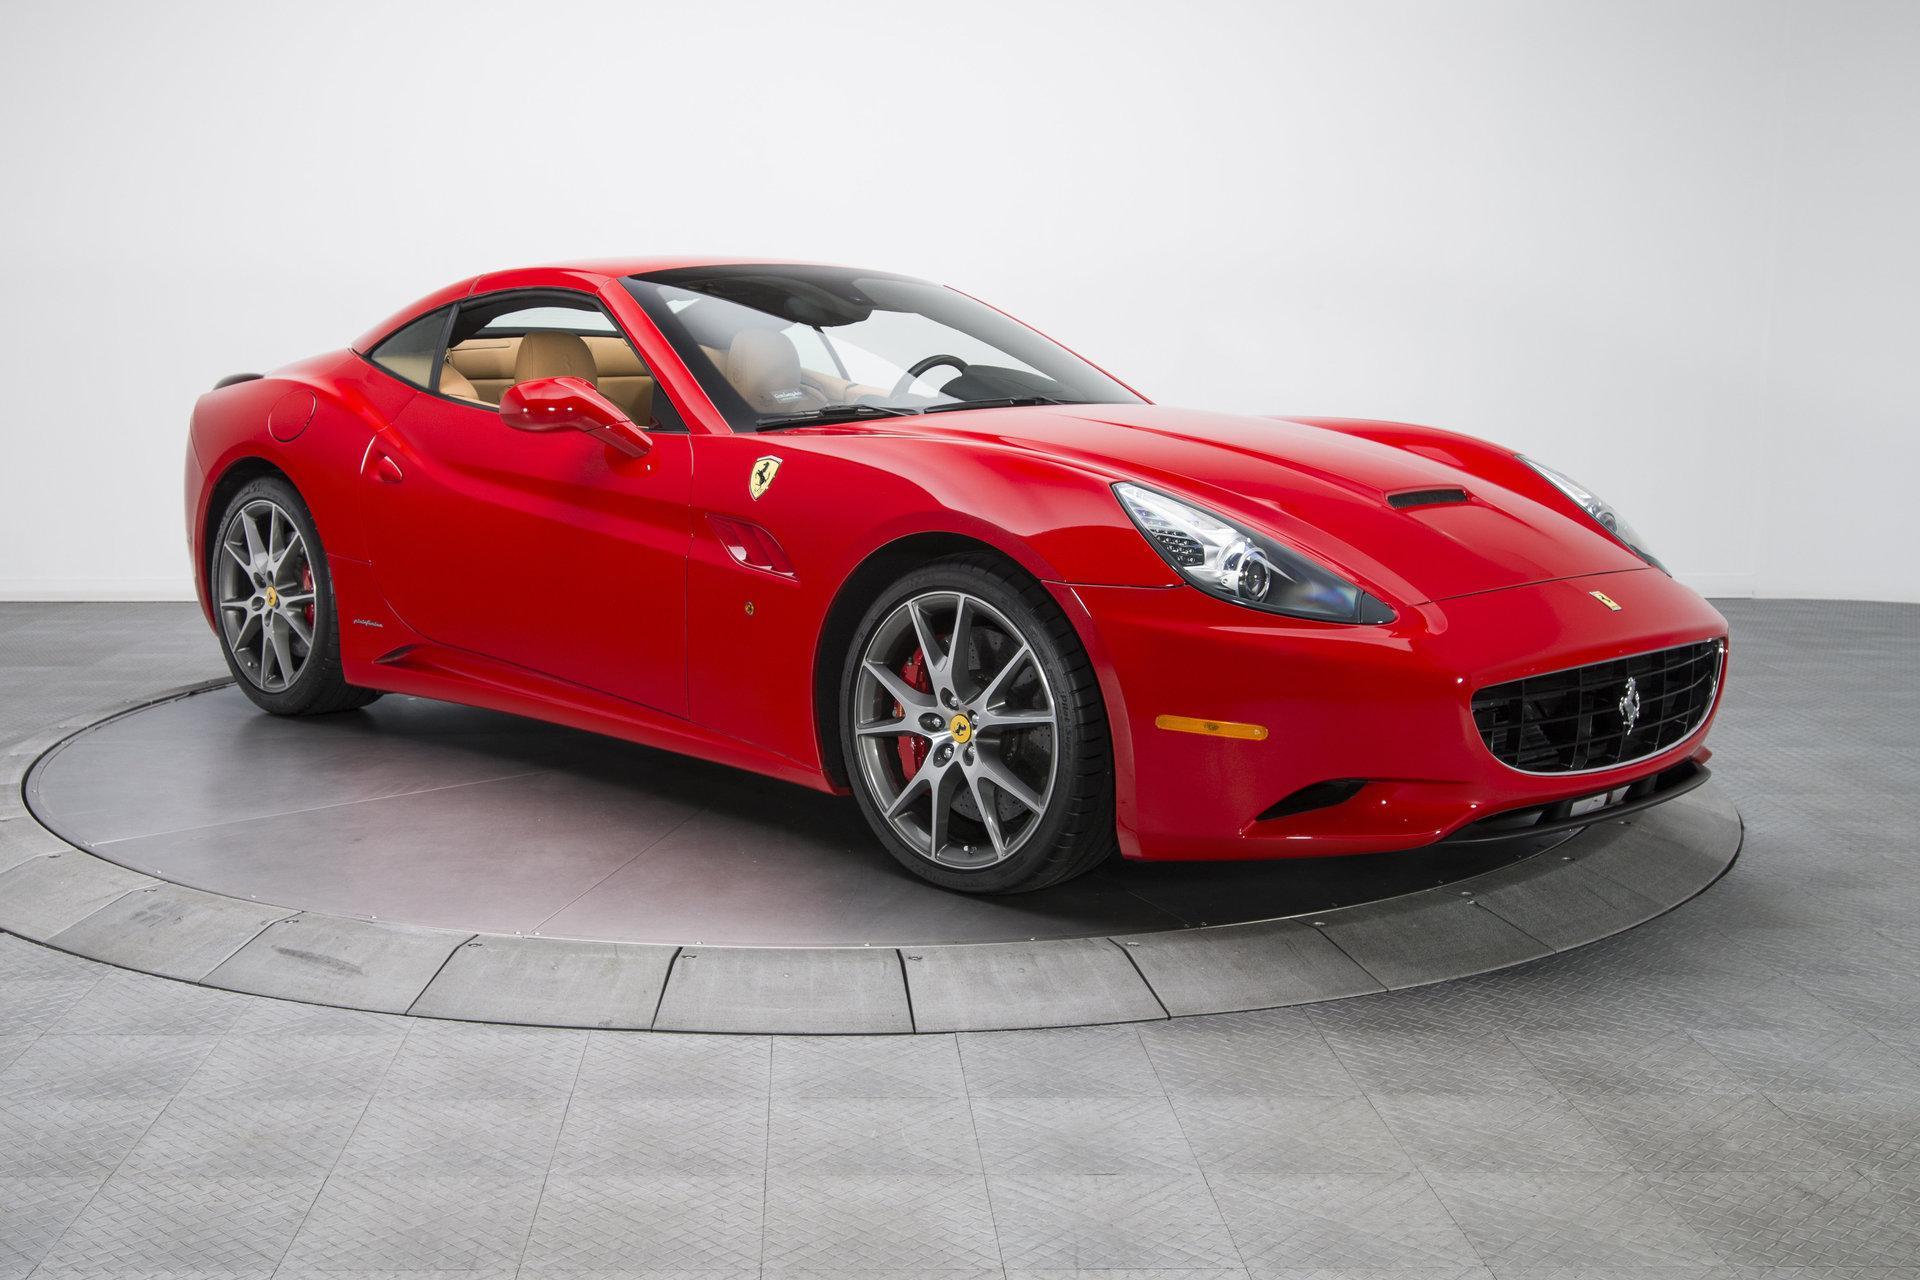 2010 Ferrari California2010 Ferrari California #5